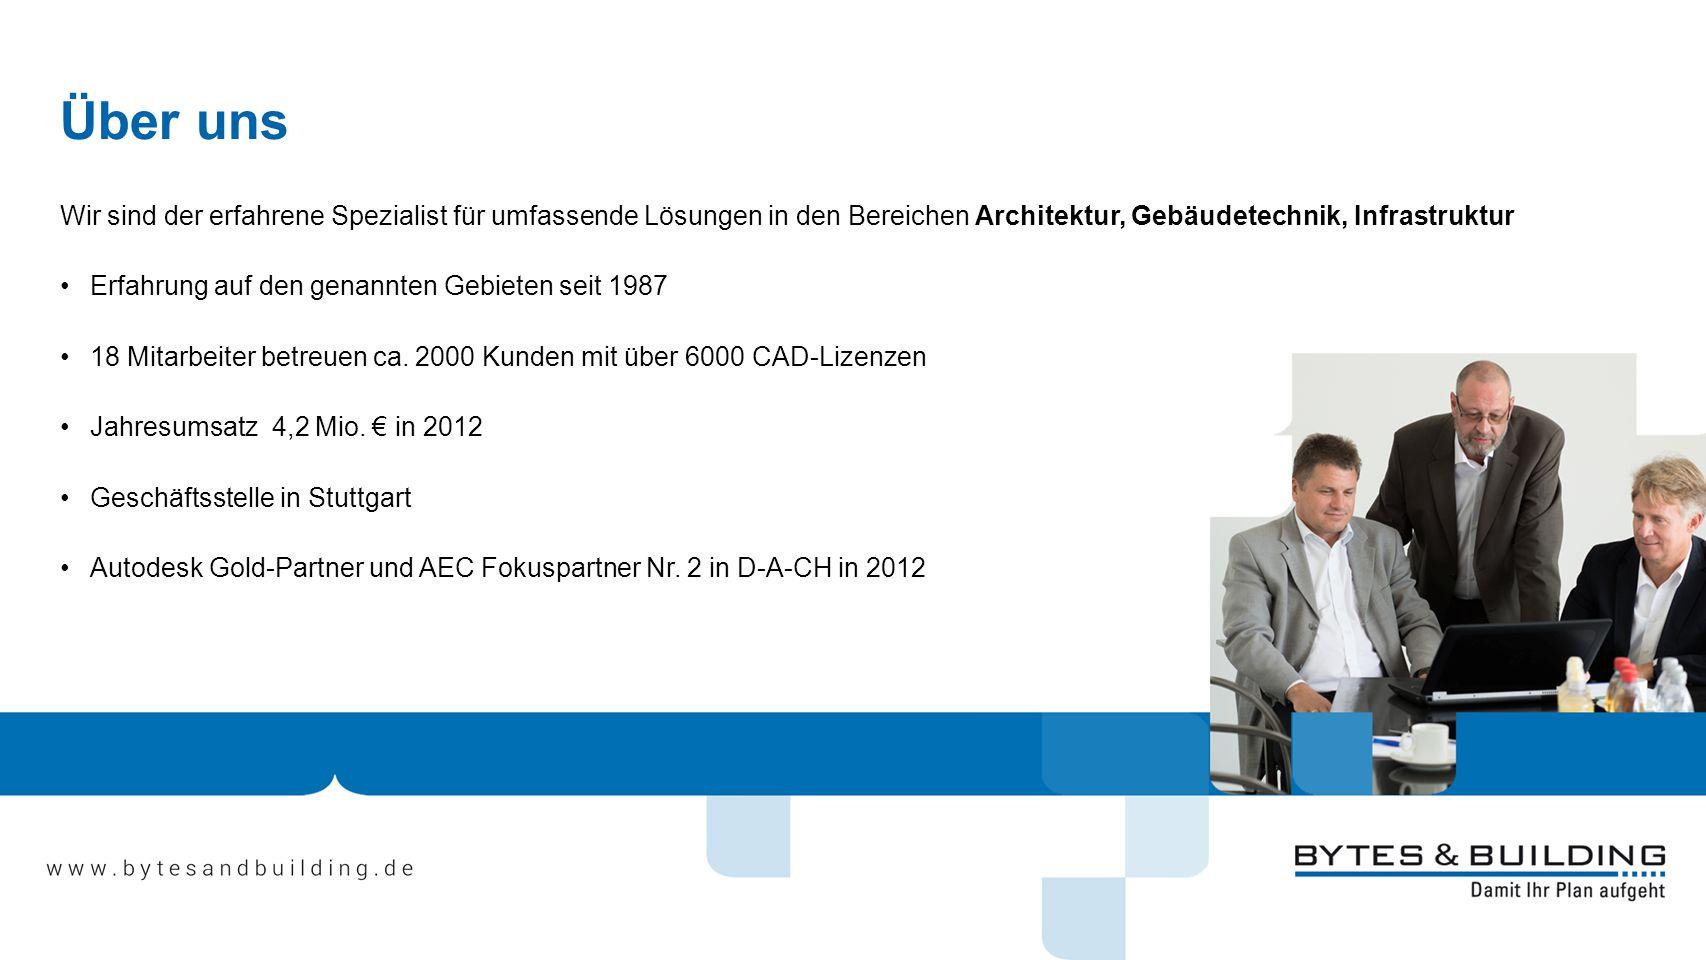 Über uns Wir sind der erfahrene Spezialist für umfassende Lösungen in den Bereichen Architektur, Gebäudetechnik, Infrastruktur.